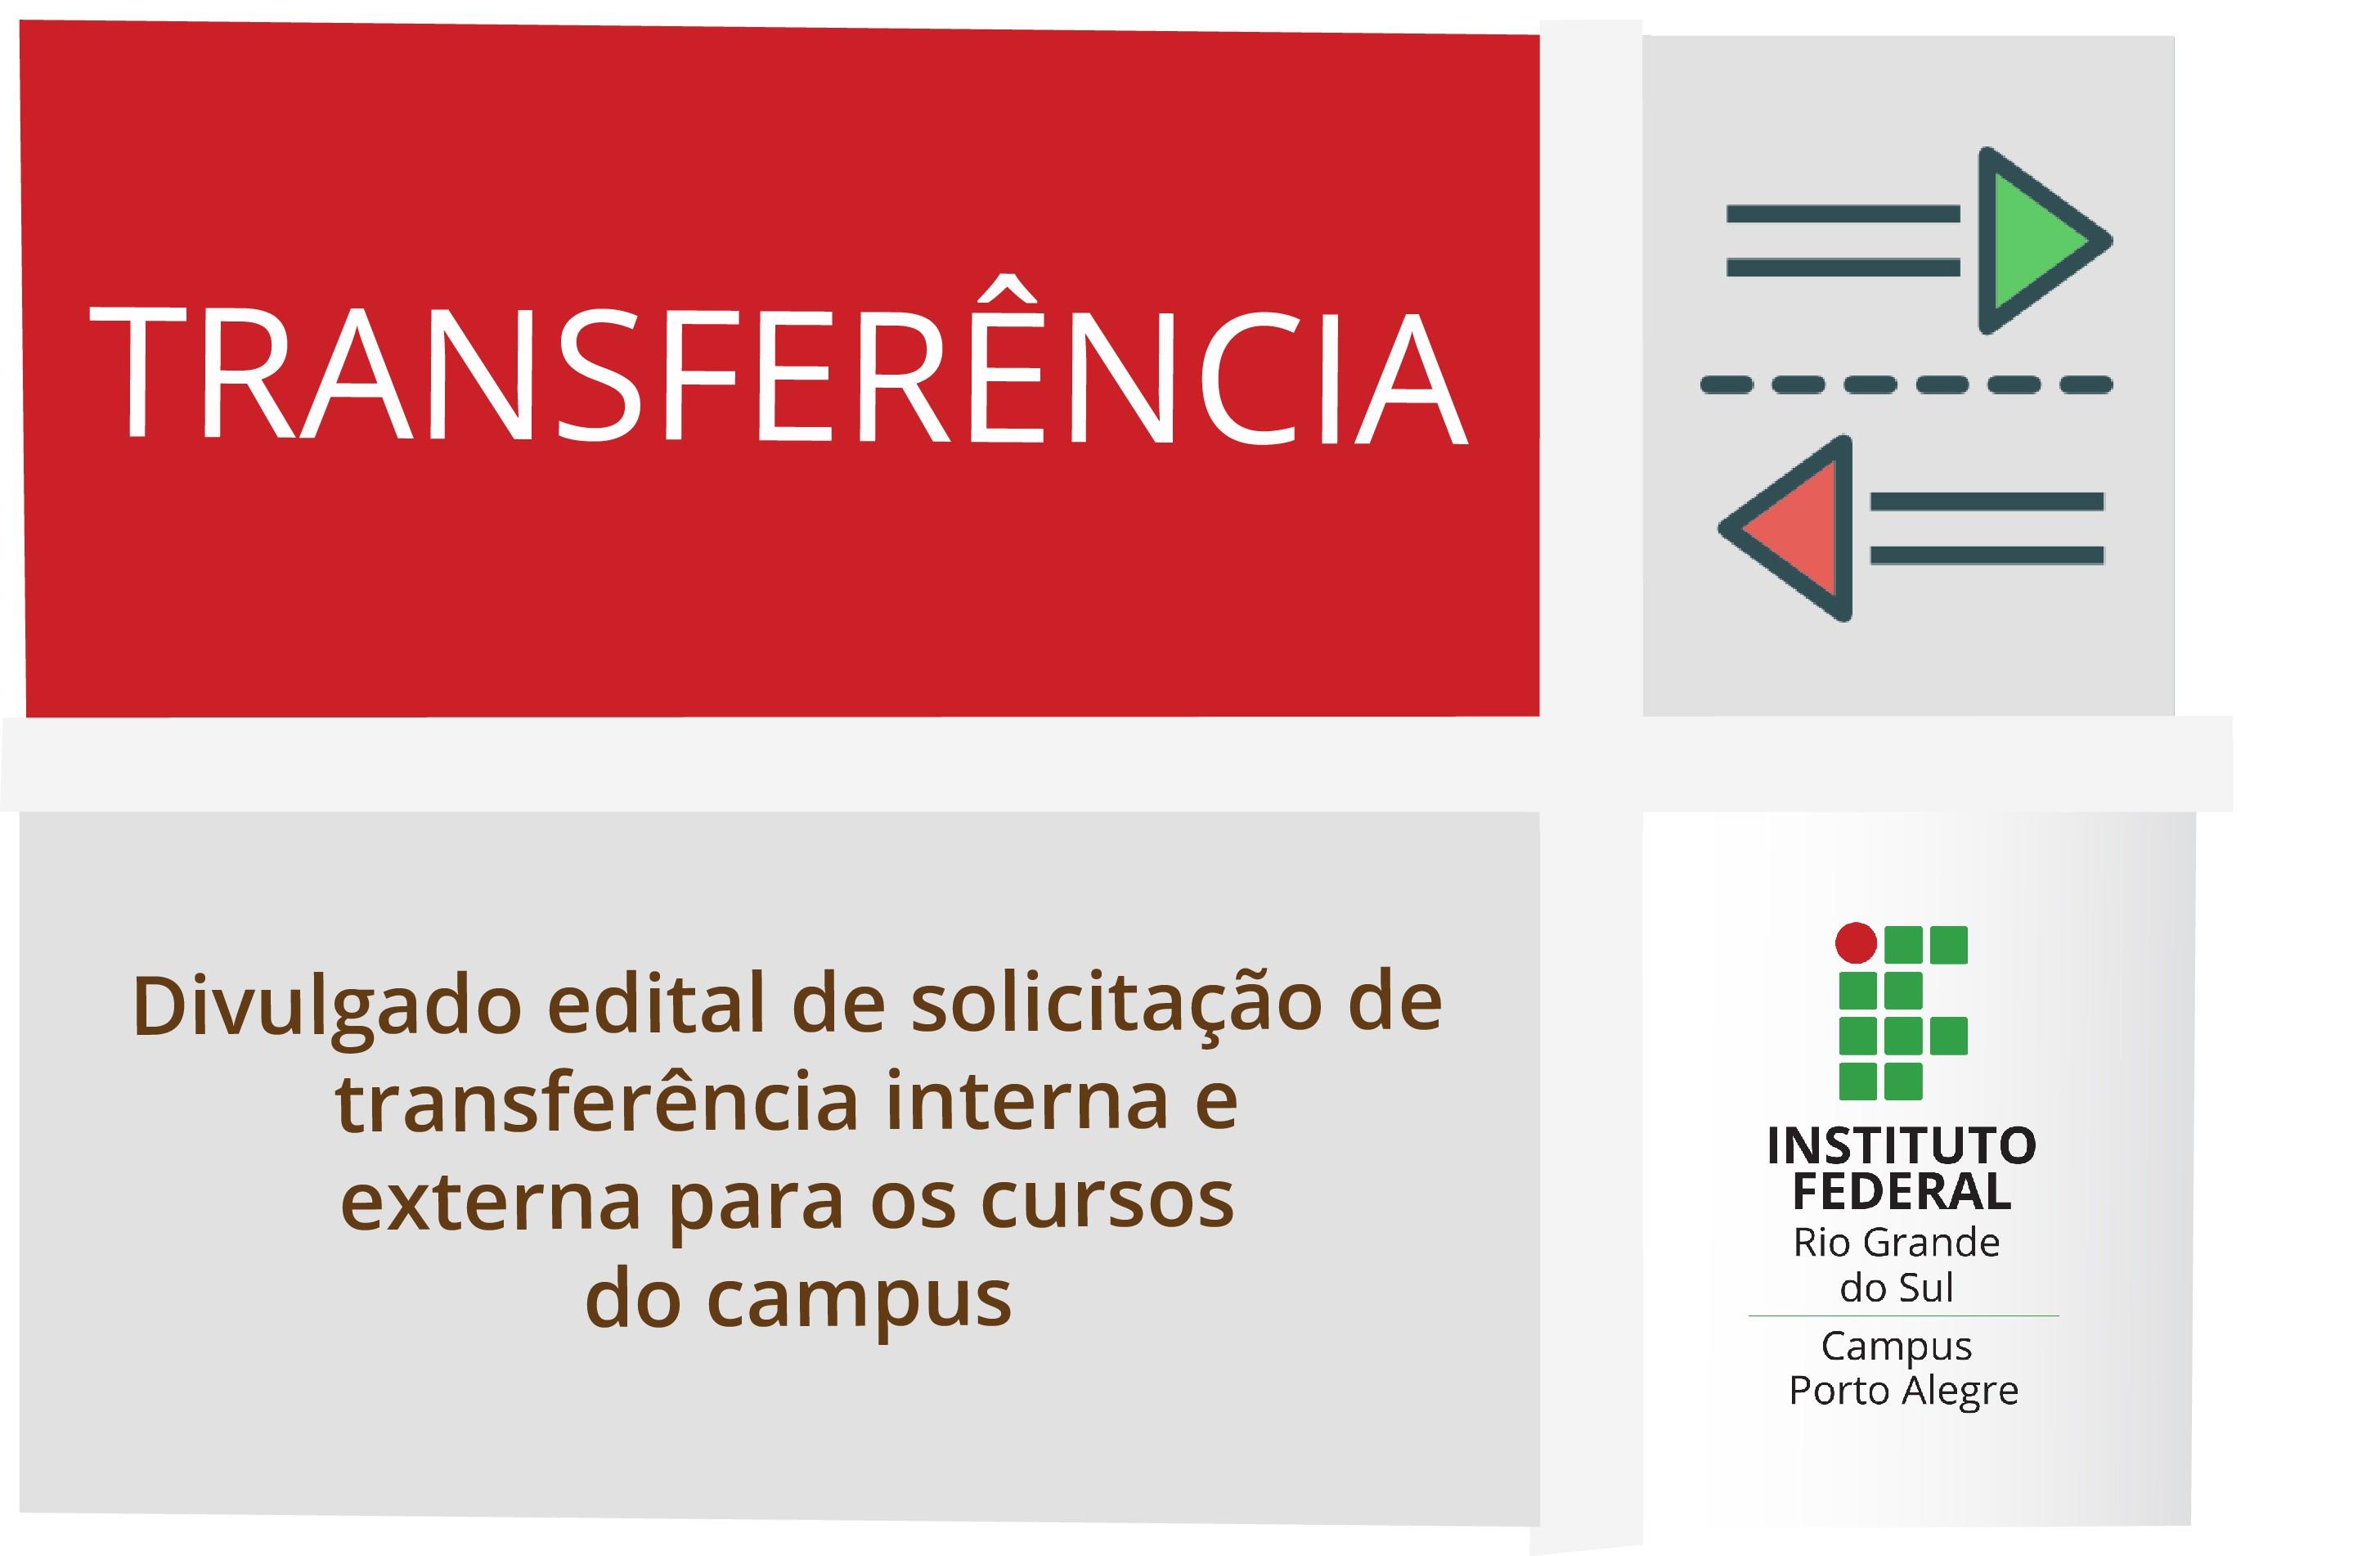 Edital nº 24 2019 Transferªncia interna e externa para os cursos do Campus Porto Alegre publicado o resultado final